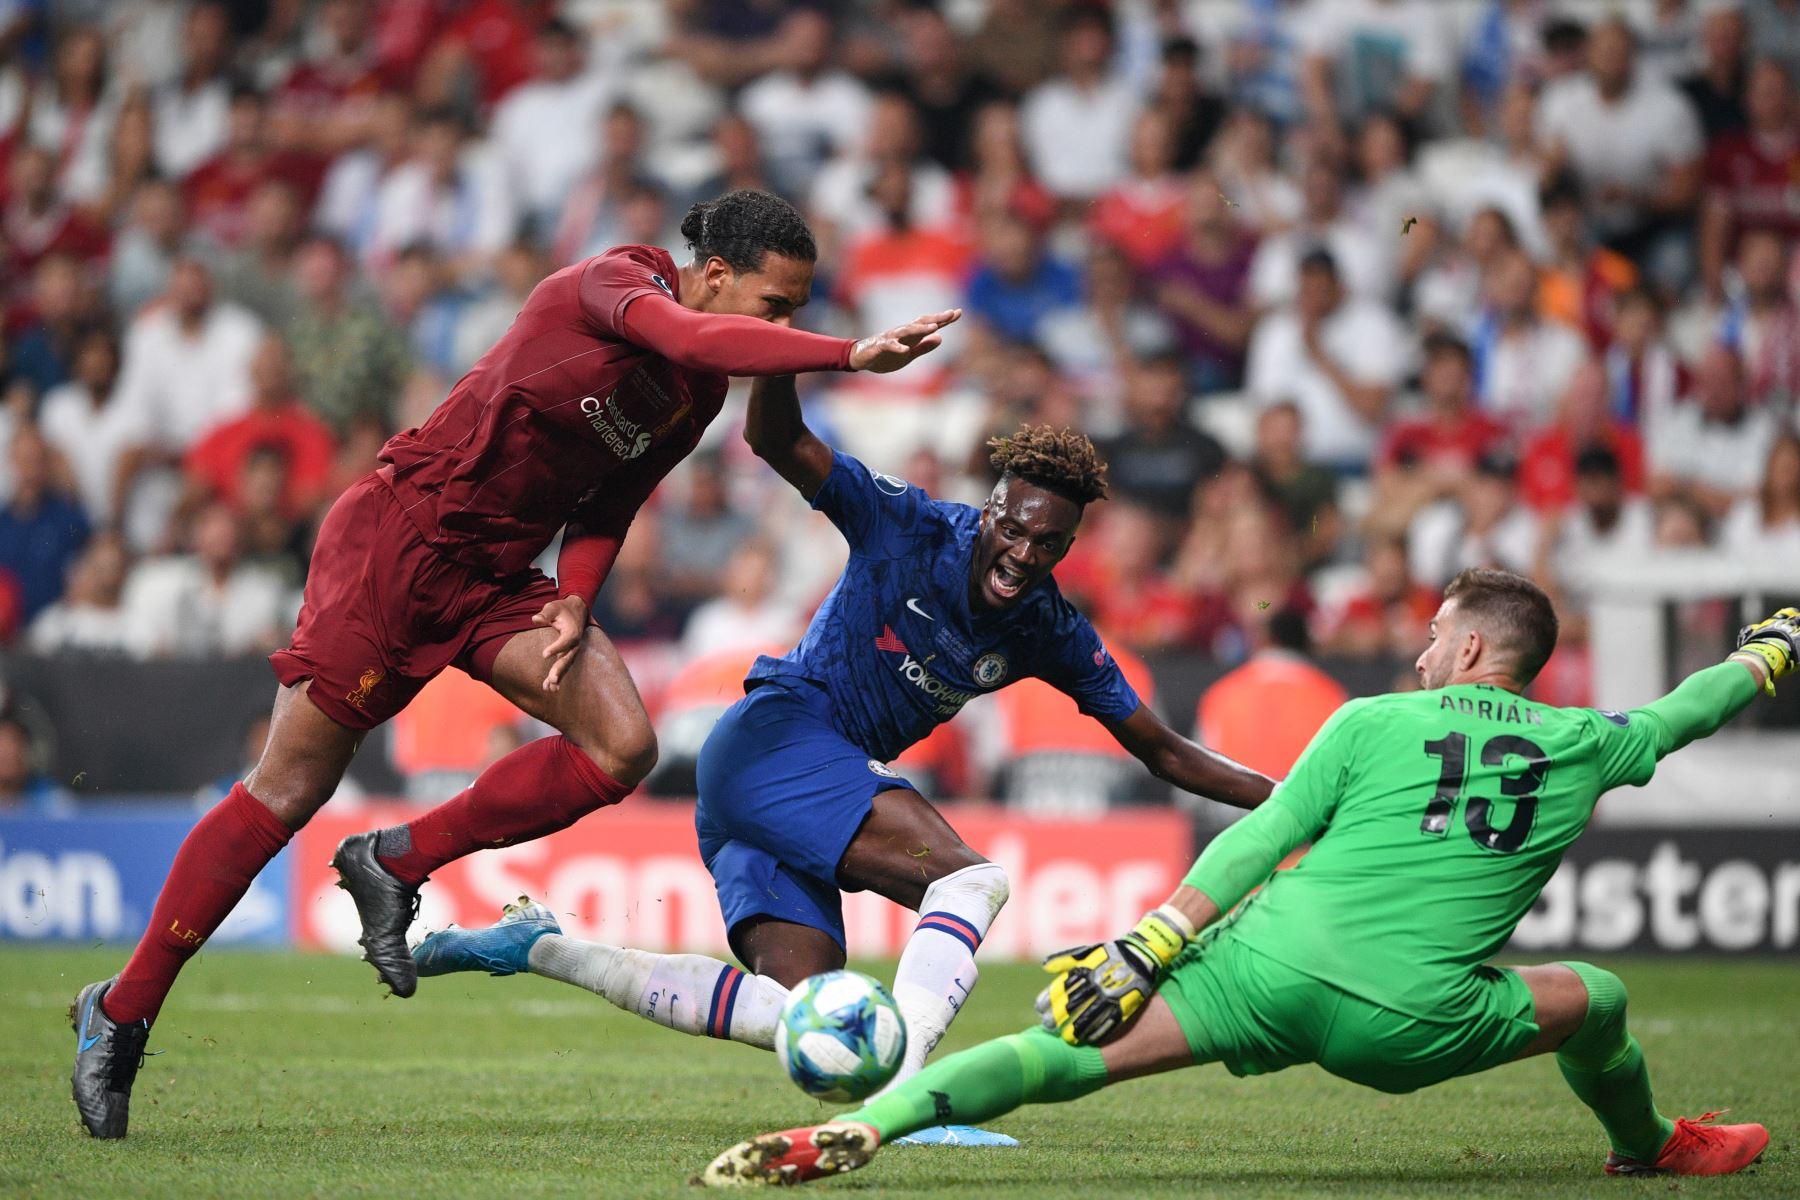 El delantero inglés del Chelsea, Tammy Abraham (C) compite por el balón con el defensor holandés del Liverpool Virgil van Dijk (L) y el portero español del Liverpool Adrian durante el partido de fútbol de la Supercopa de la UEFA 2019.Foto:AFP